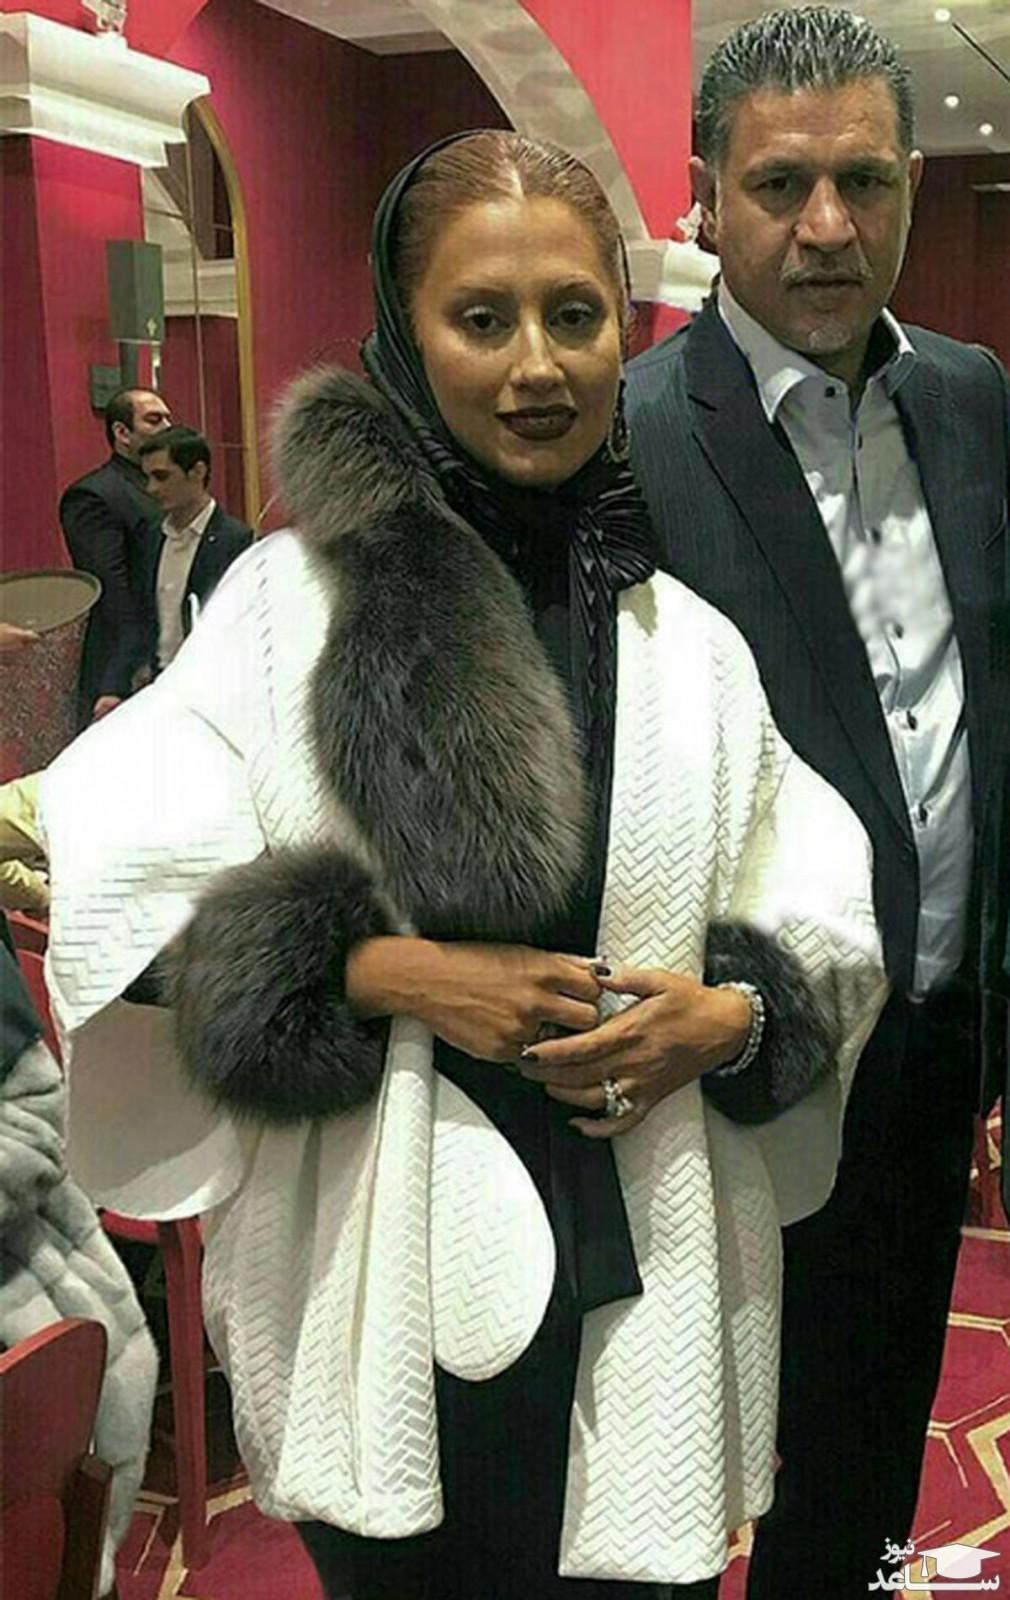 هدیه الماس نشان همسر علی دایی به شوهرش